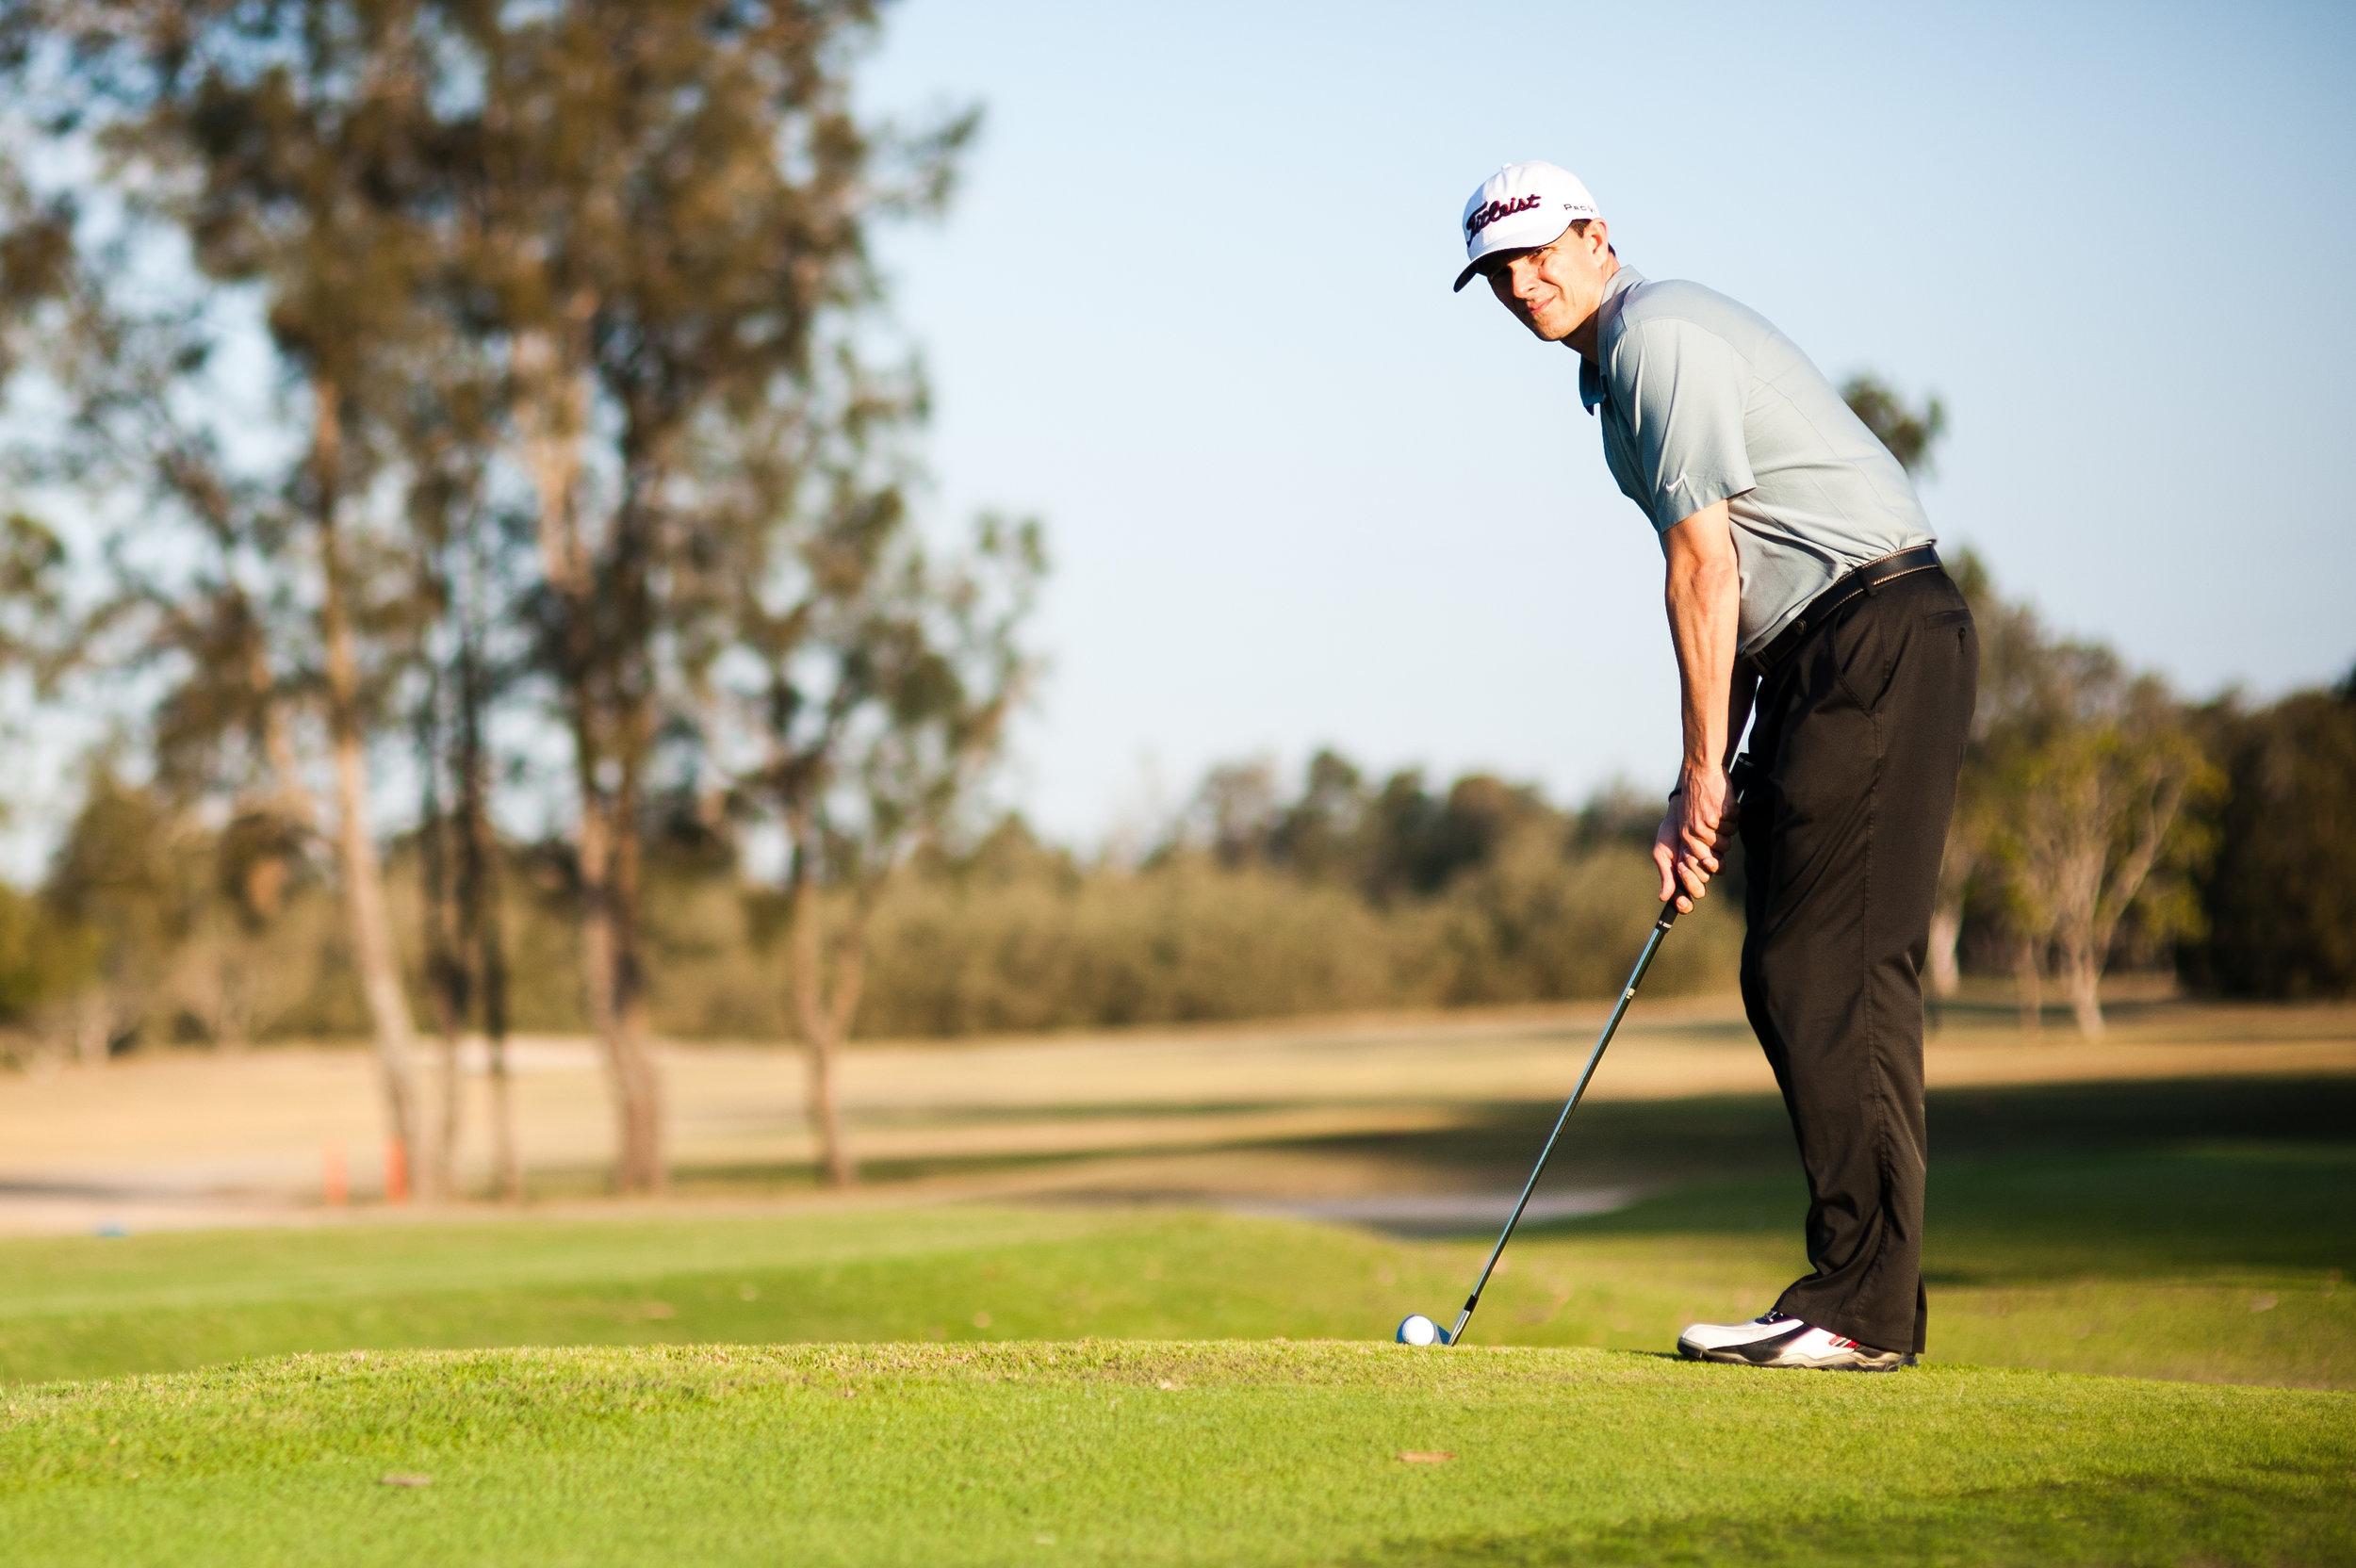 proper golf swing takeaway -